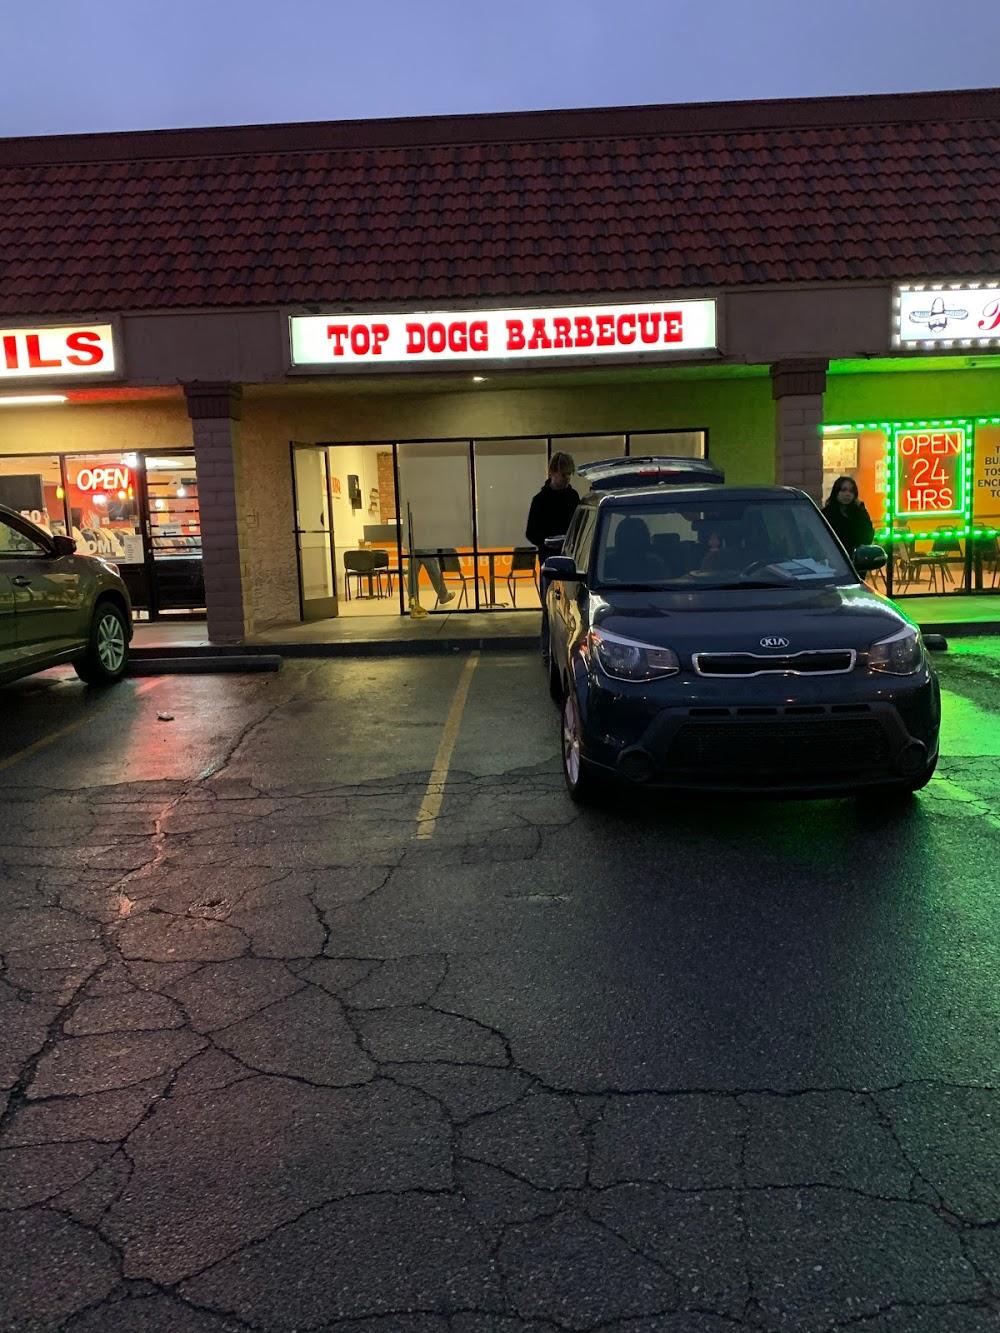 Top Dogg BBQ Smokehouse